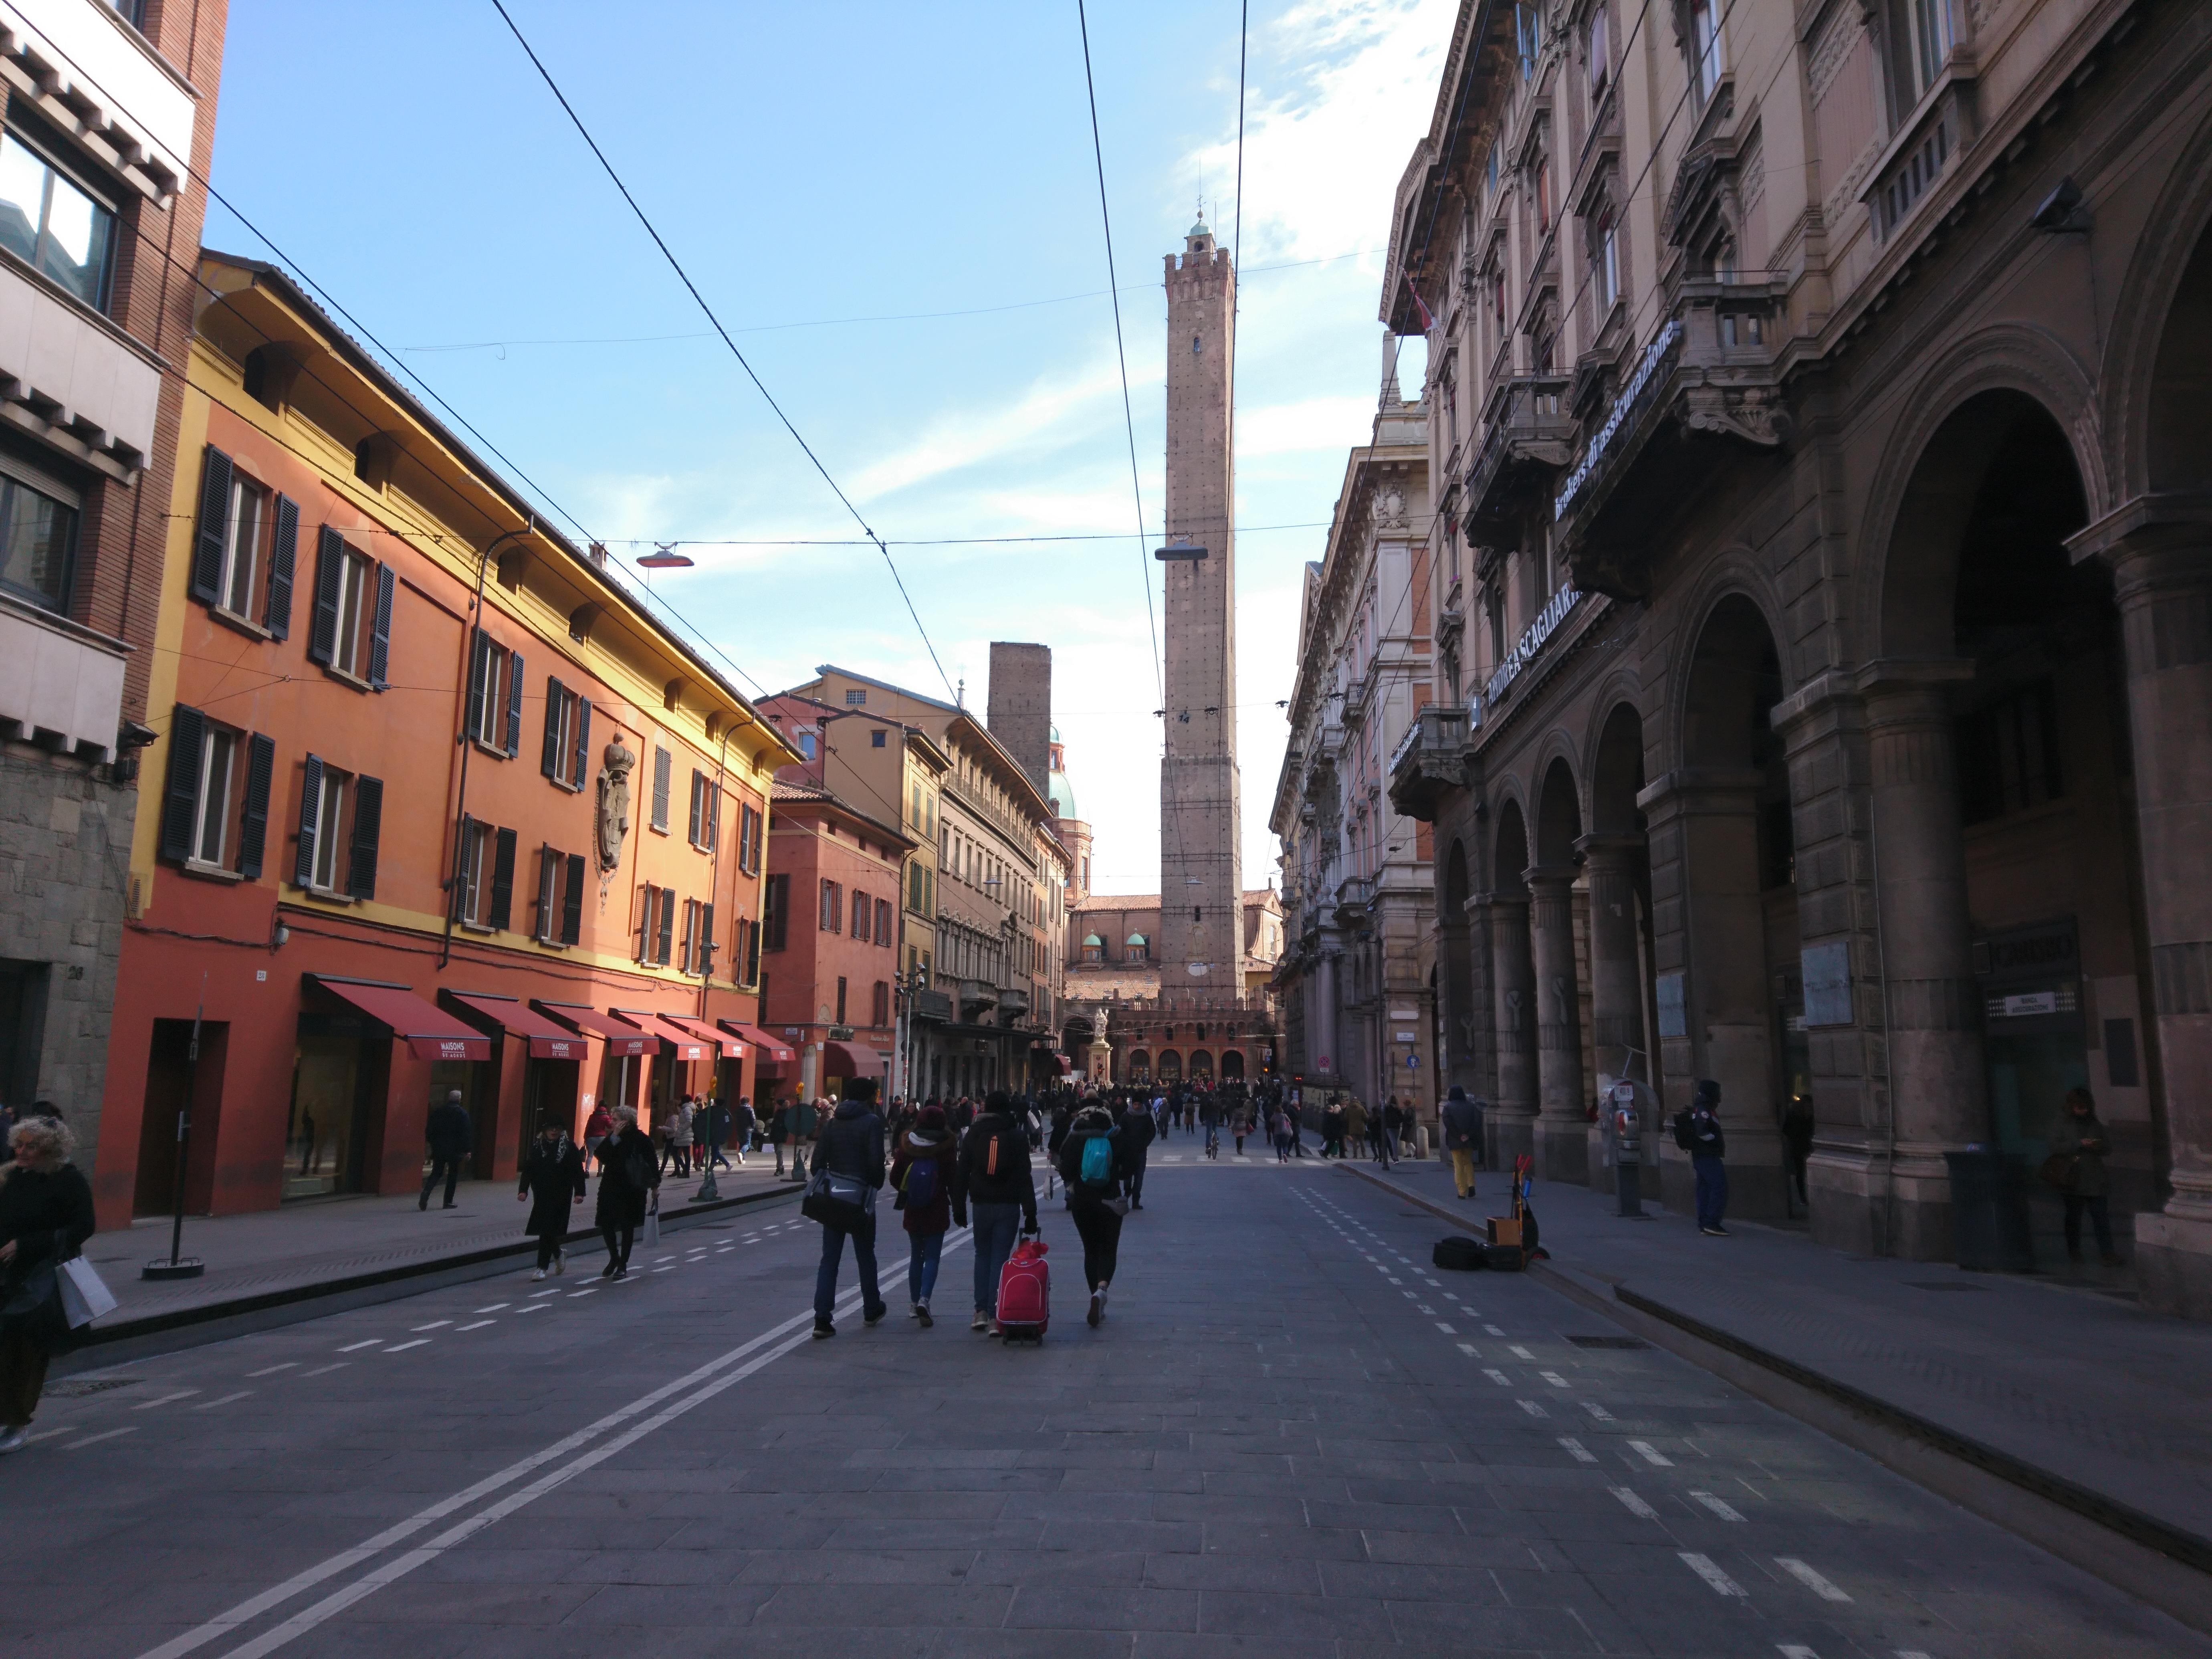 ボローニャの街並み